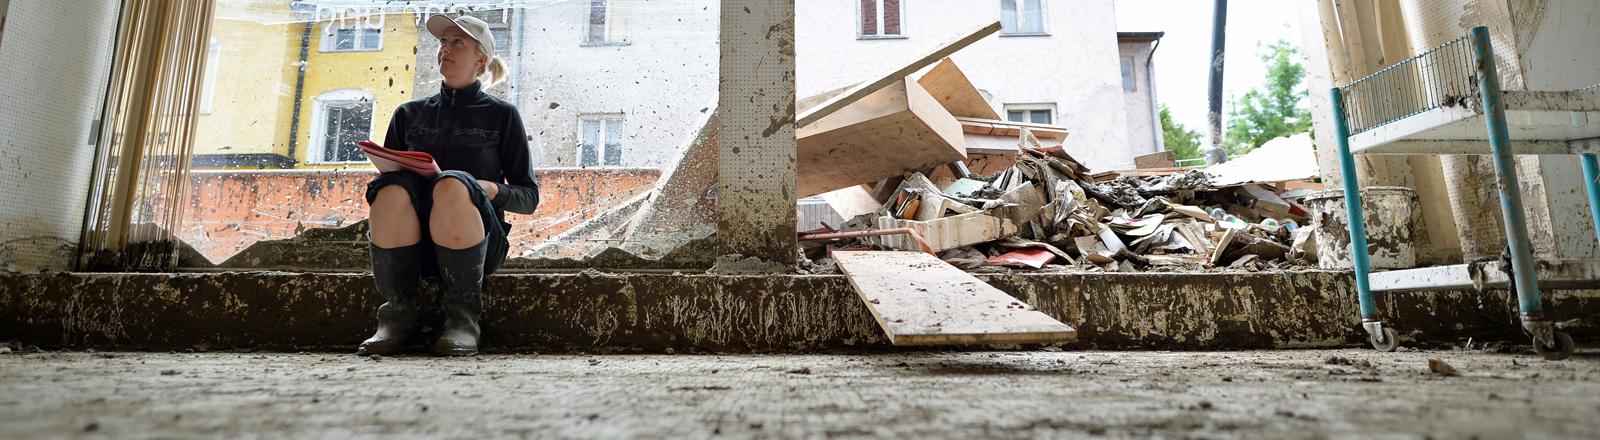 Eine Frau sitzt in einem zerstörten Haus in Simbach.